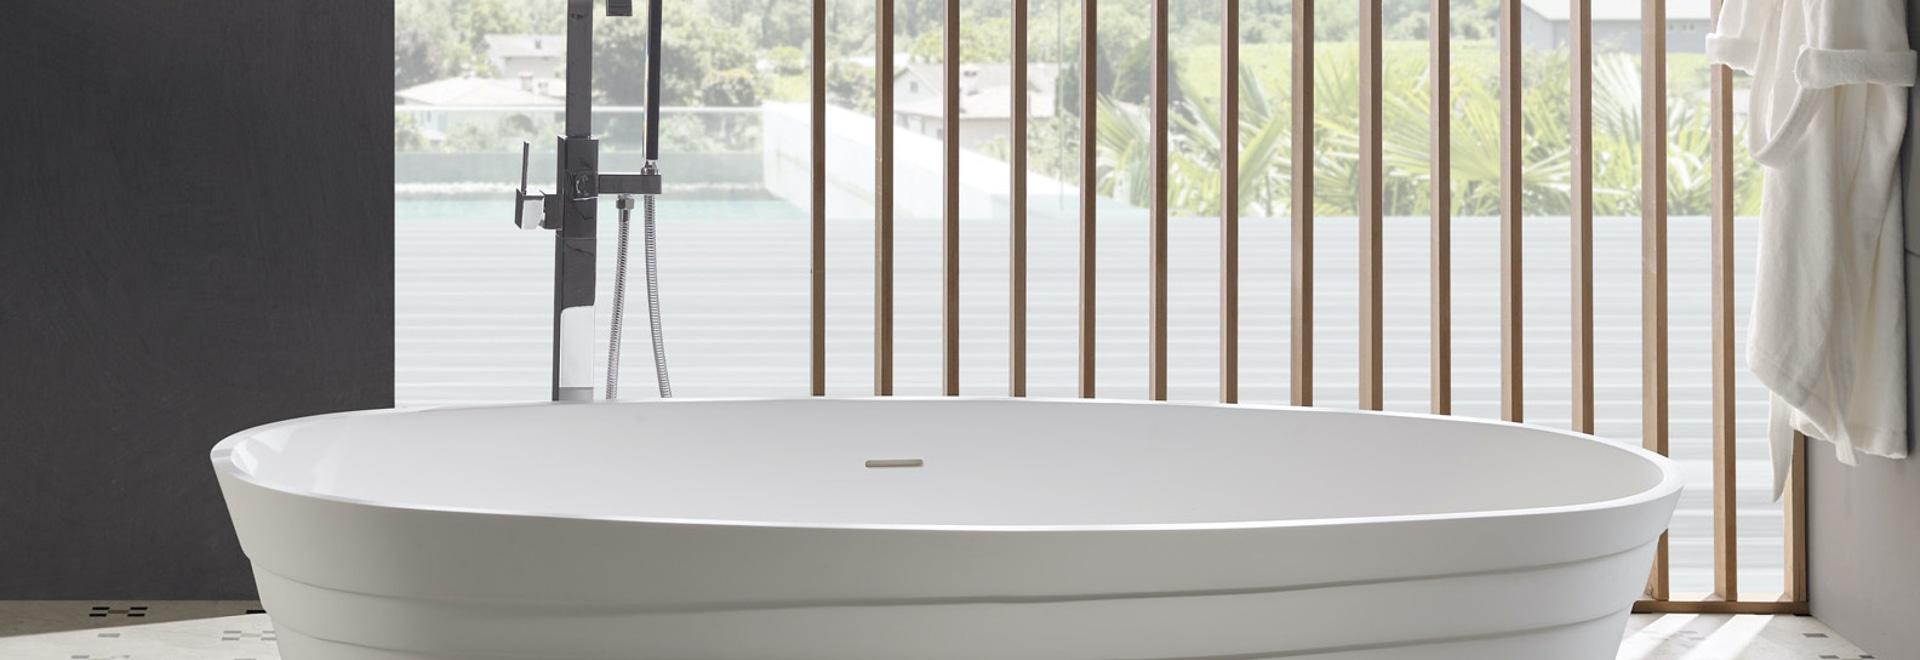 Vasca da bagno autoportante chic a superficie solida